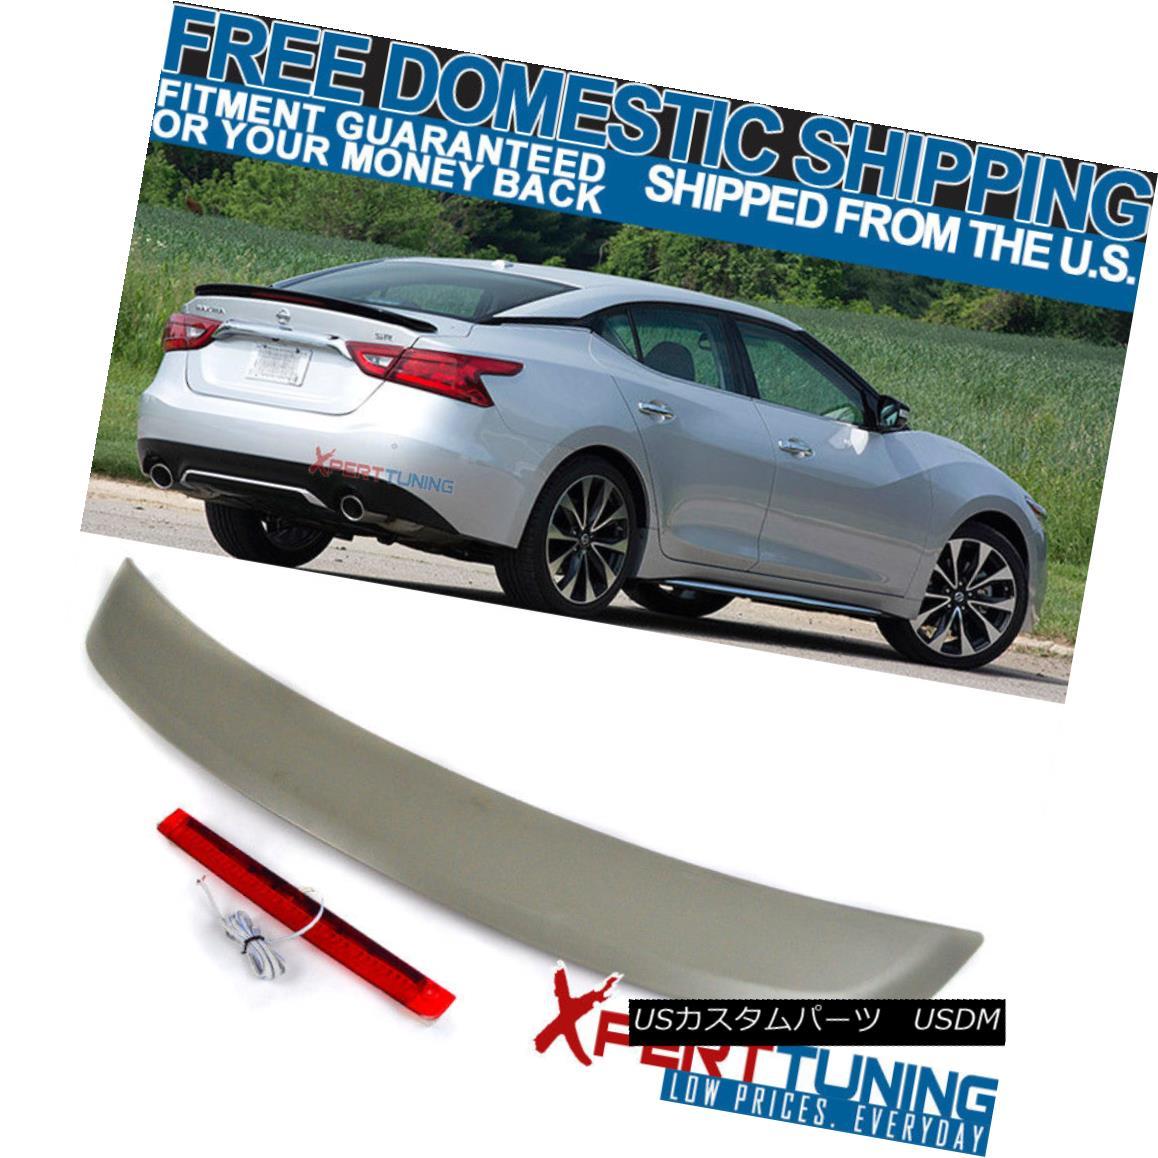 エアロパーツ Fits 16-18 Maxima 8th A36 4Dr Unpainted ABS OE Style Trunk Spoiler LED Brake フィット16-18 Maxima 8th A36 4Dr未塗装ABS OEスタイルトランクスポイラーLEDブレーキ